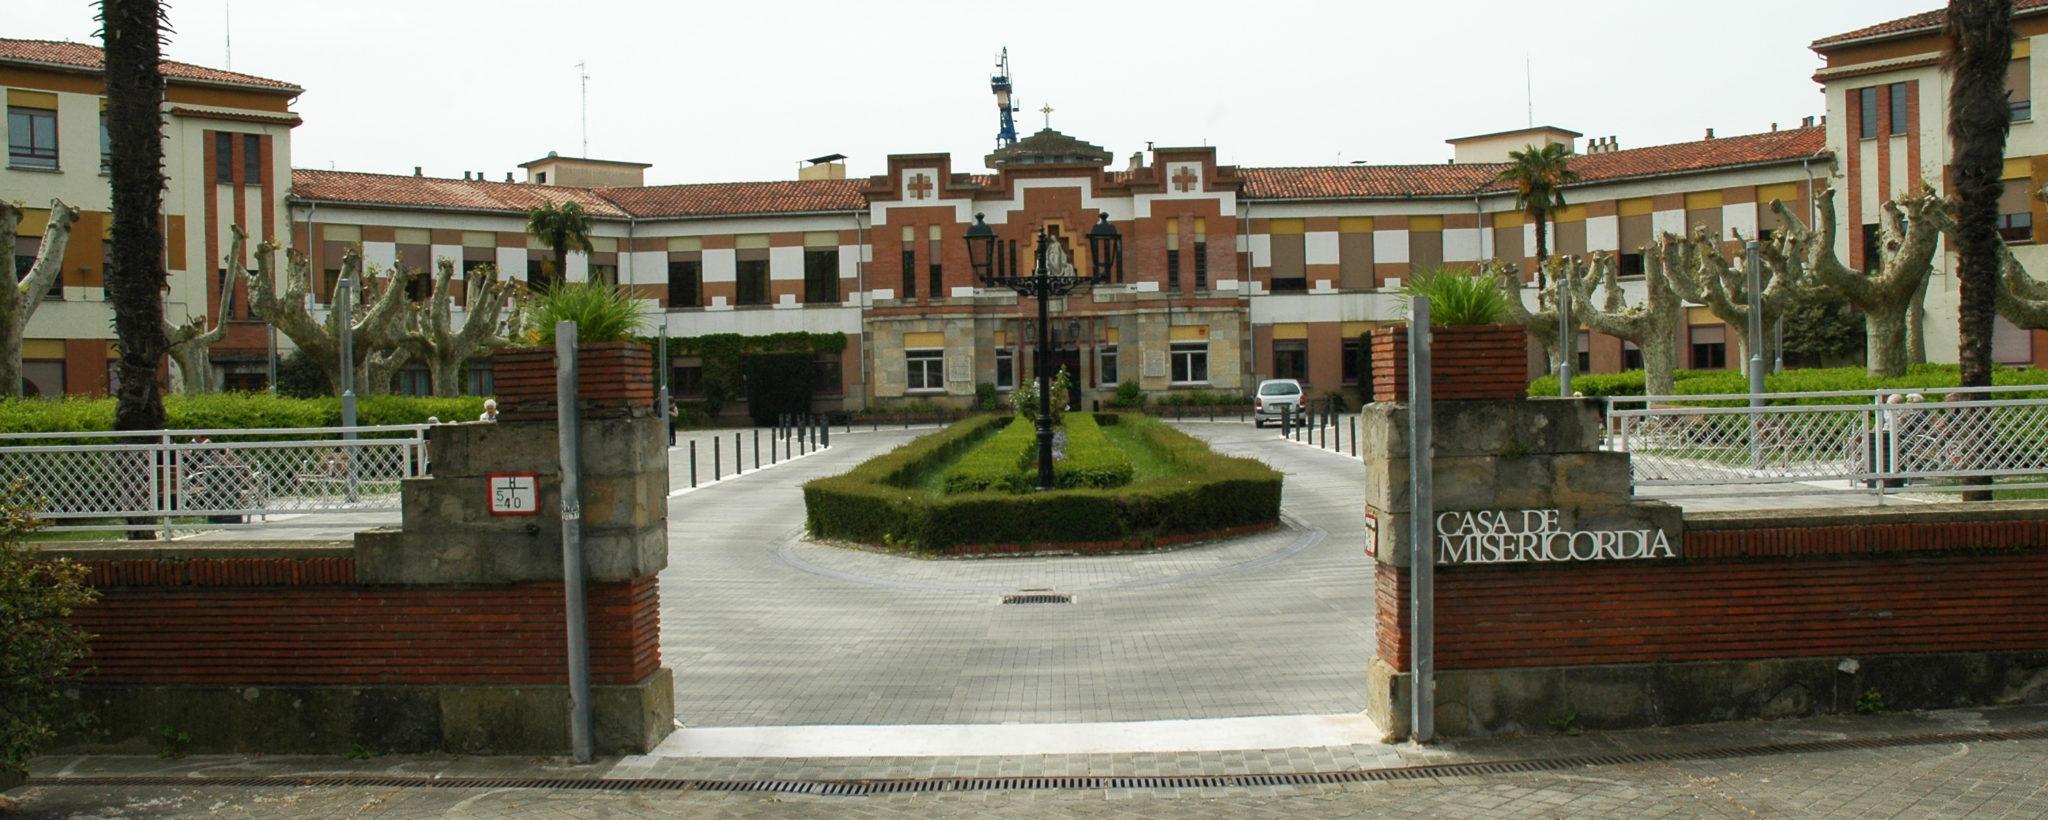 Puerta Principal de la Casa de Misericordia (Archivo)